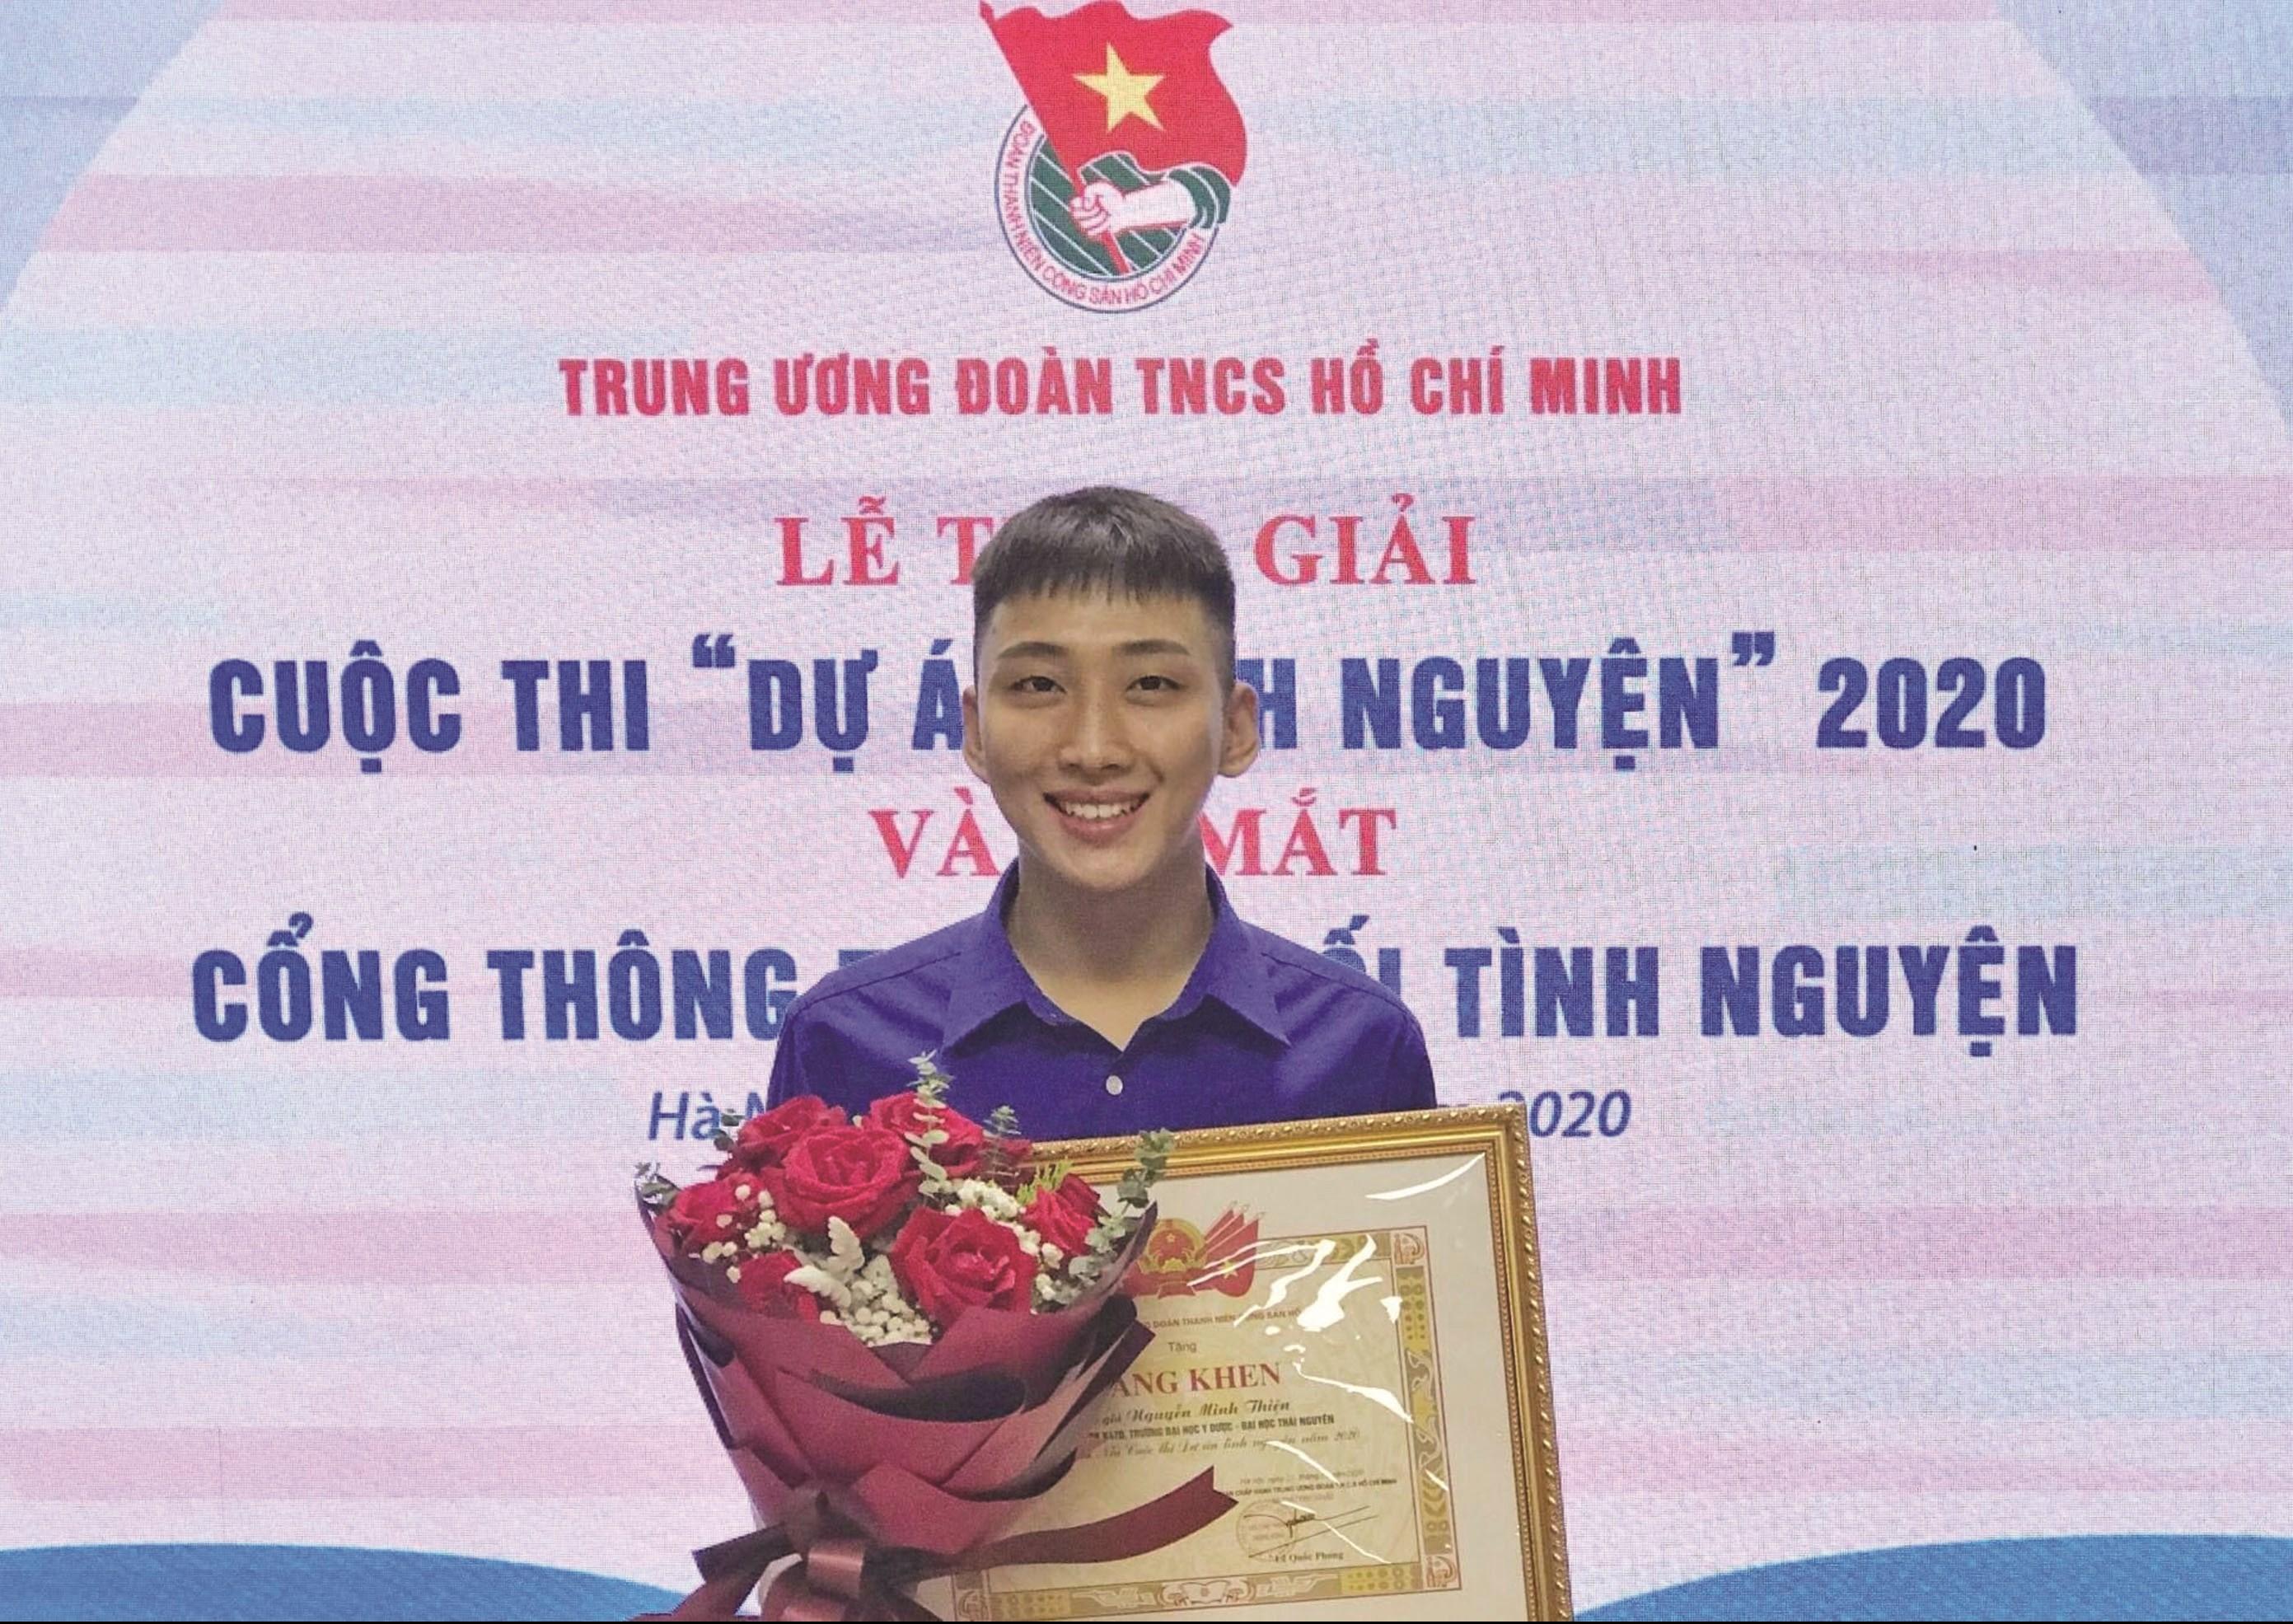 Nguyễn Minh Thiện nhận giải thưởng tại cuộc thi Dự án tình nguyện 2020.